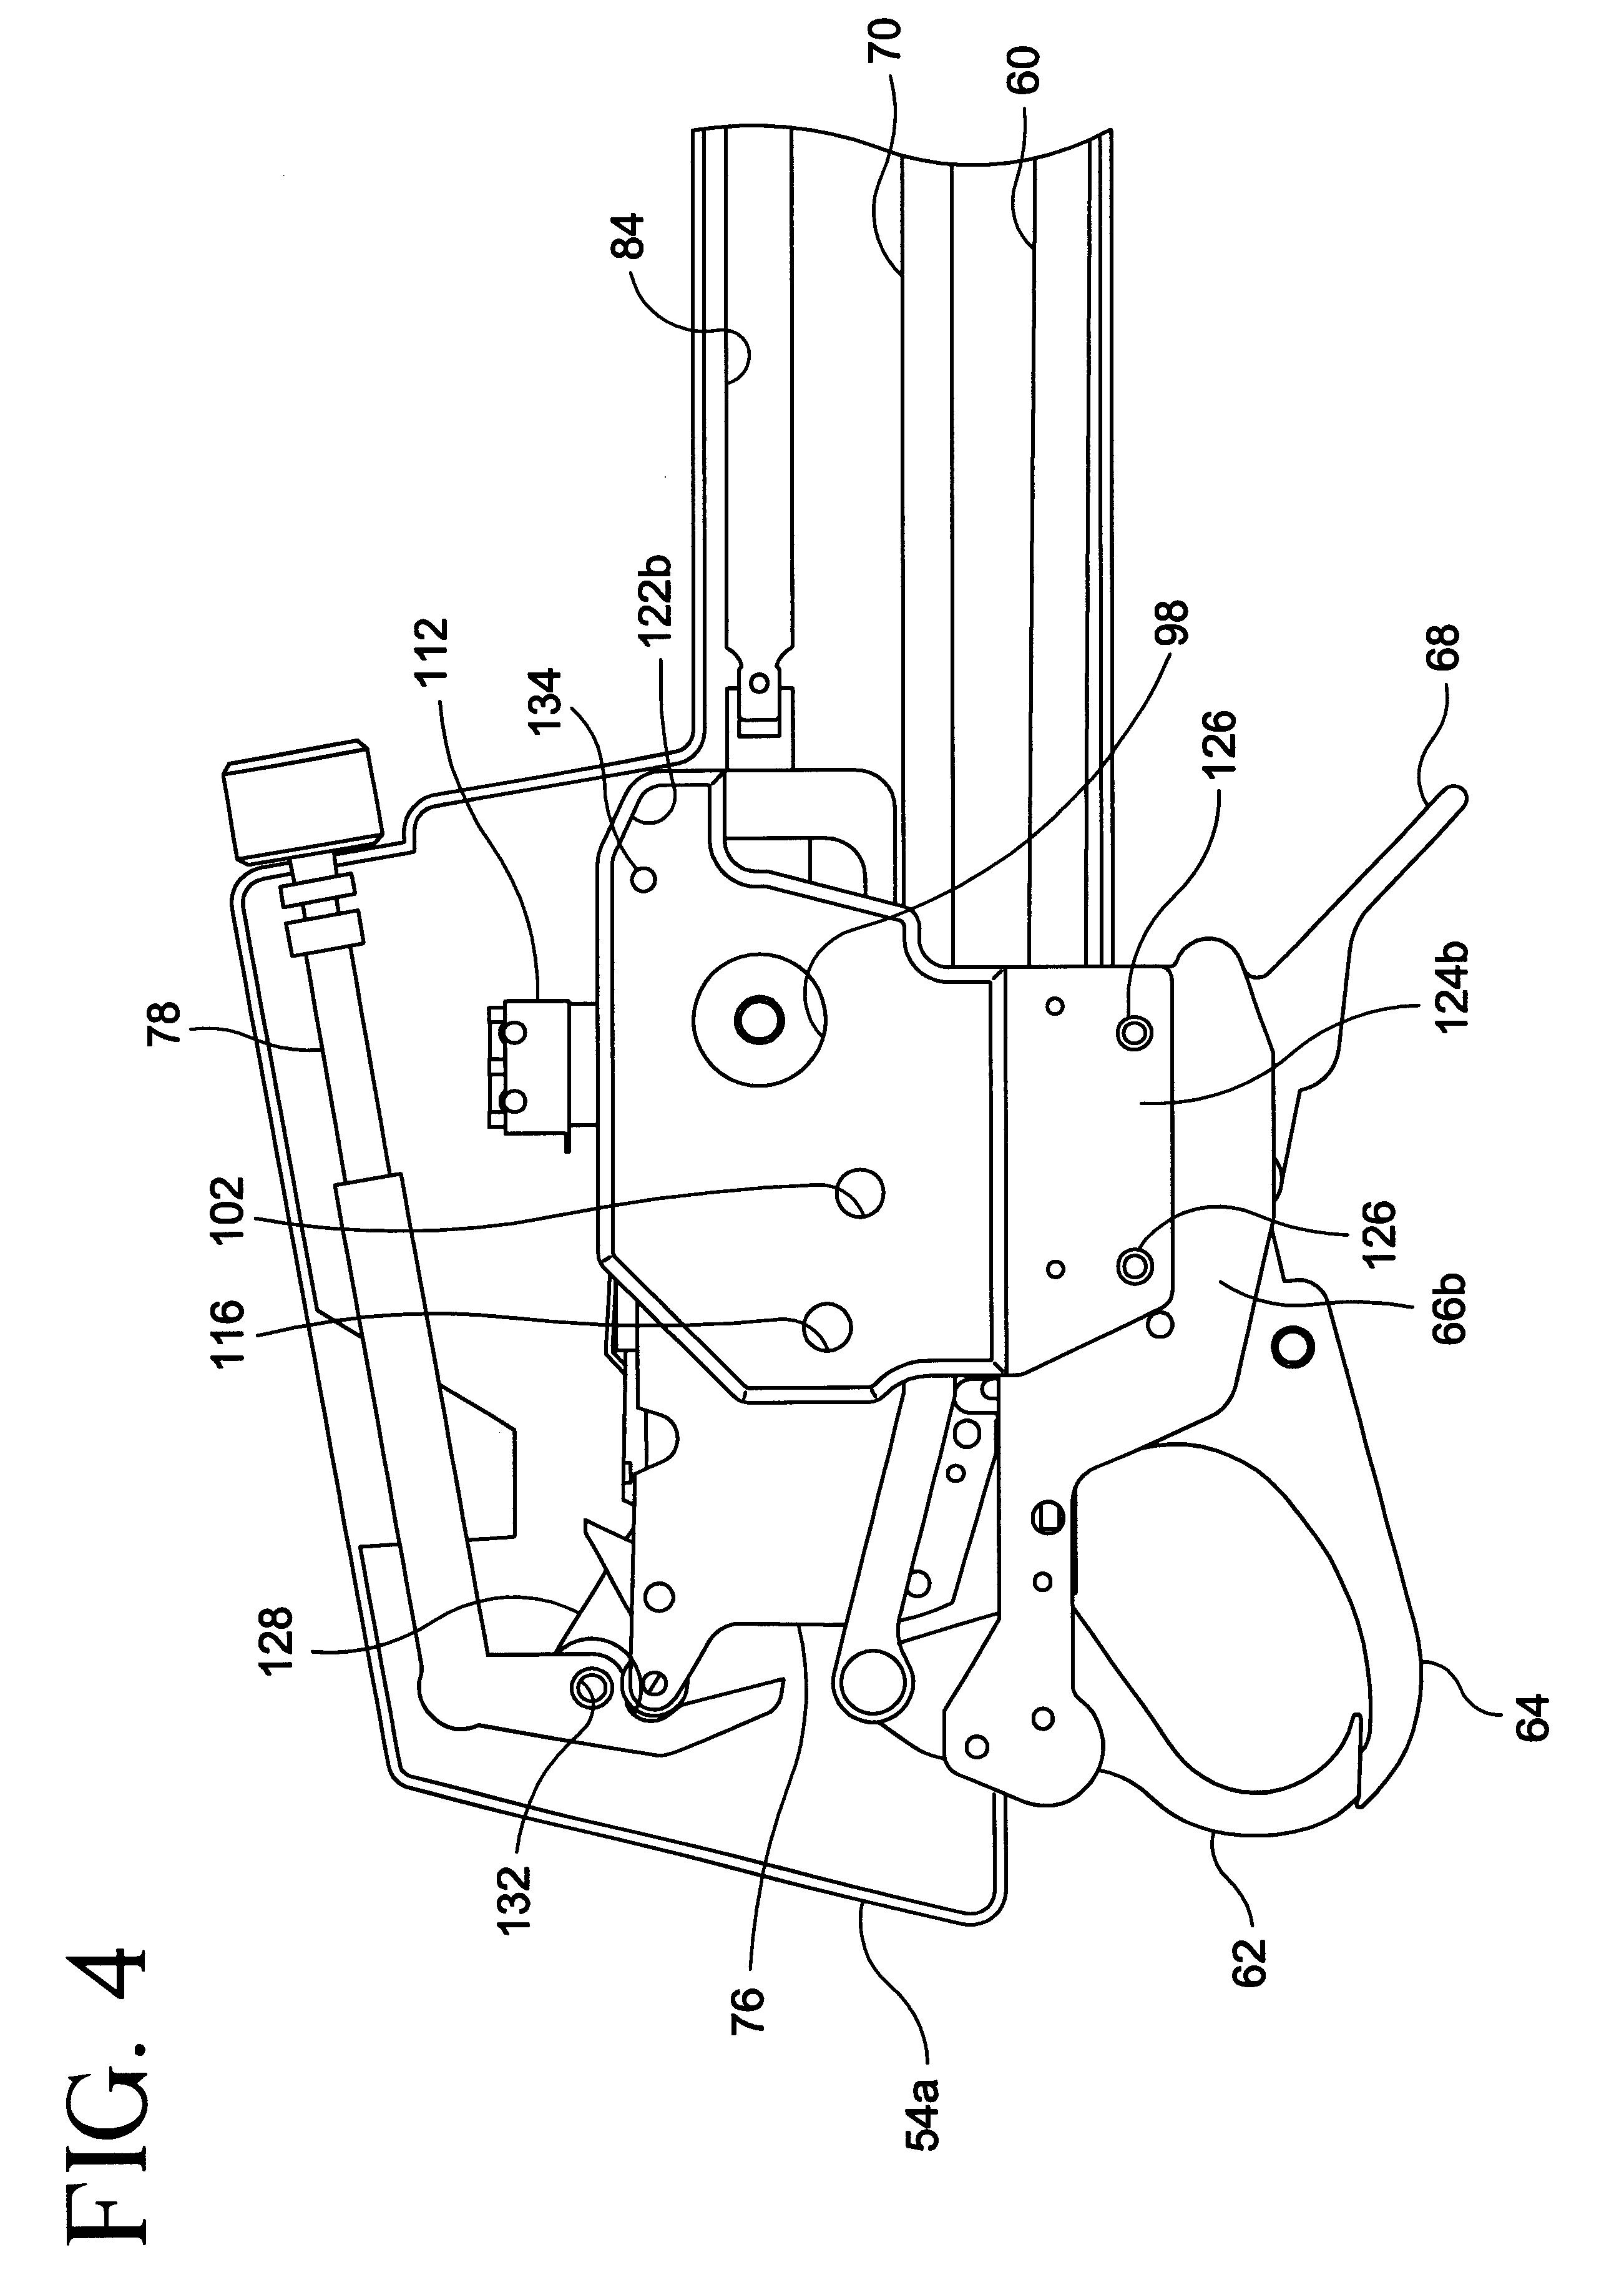 patent us6279620